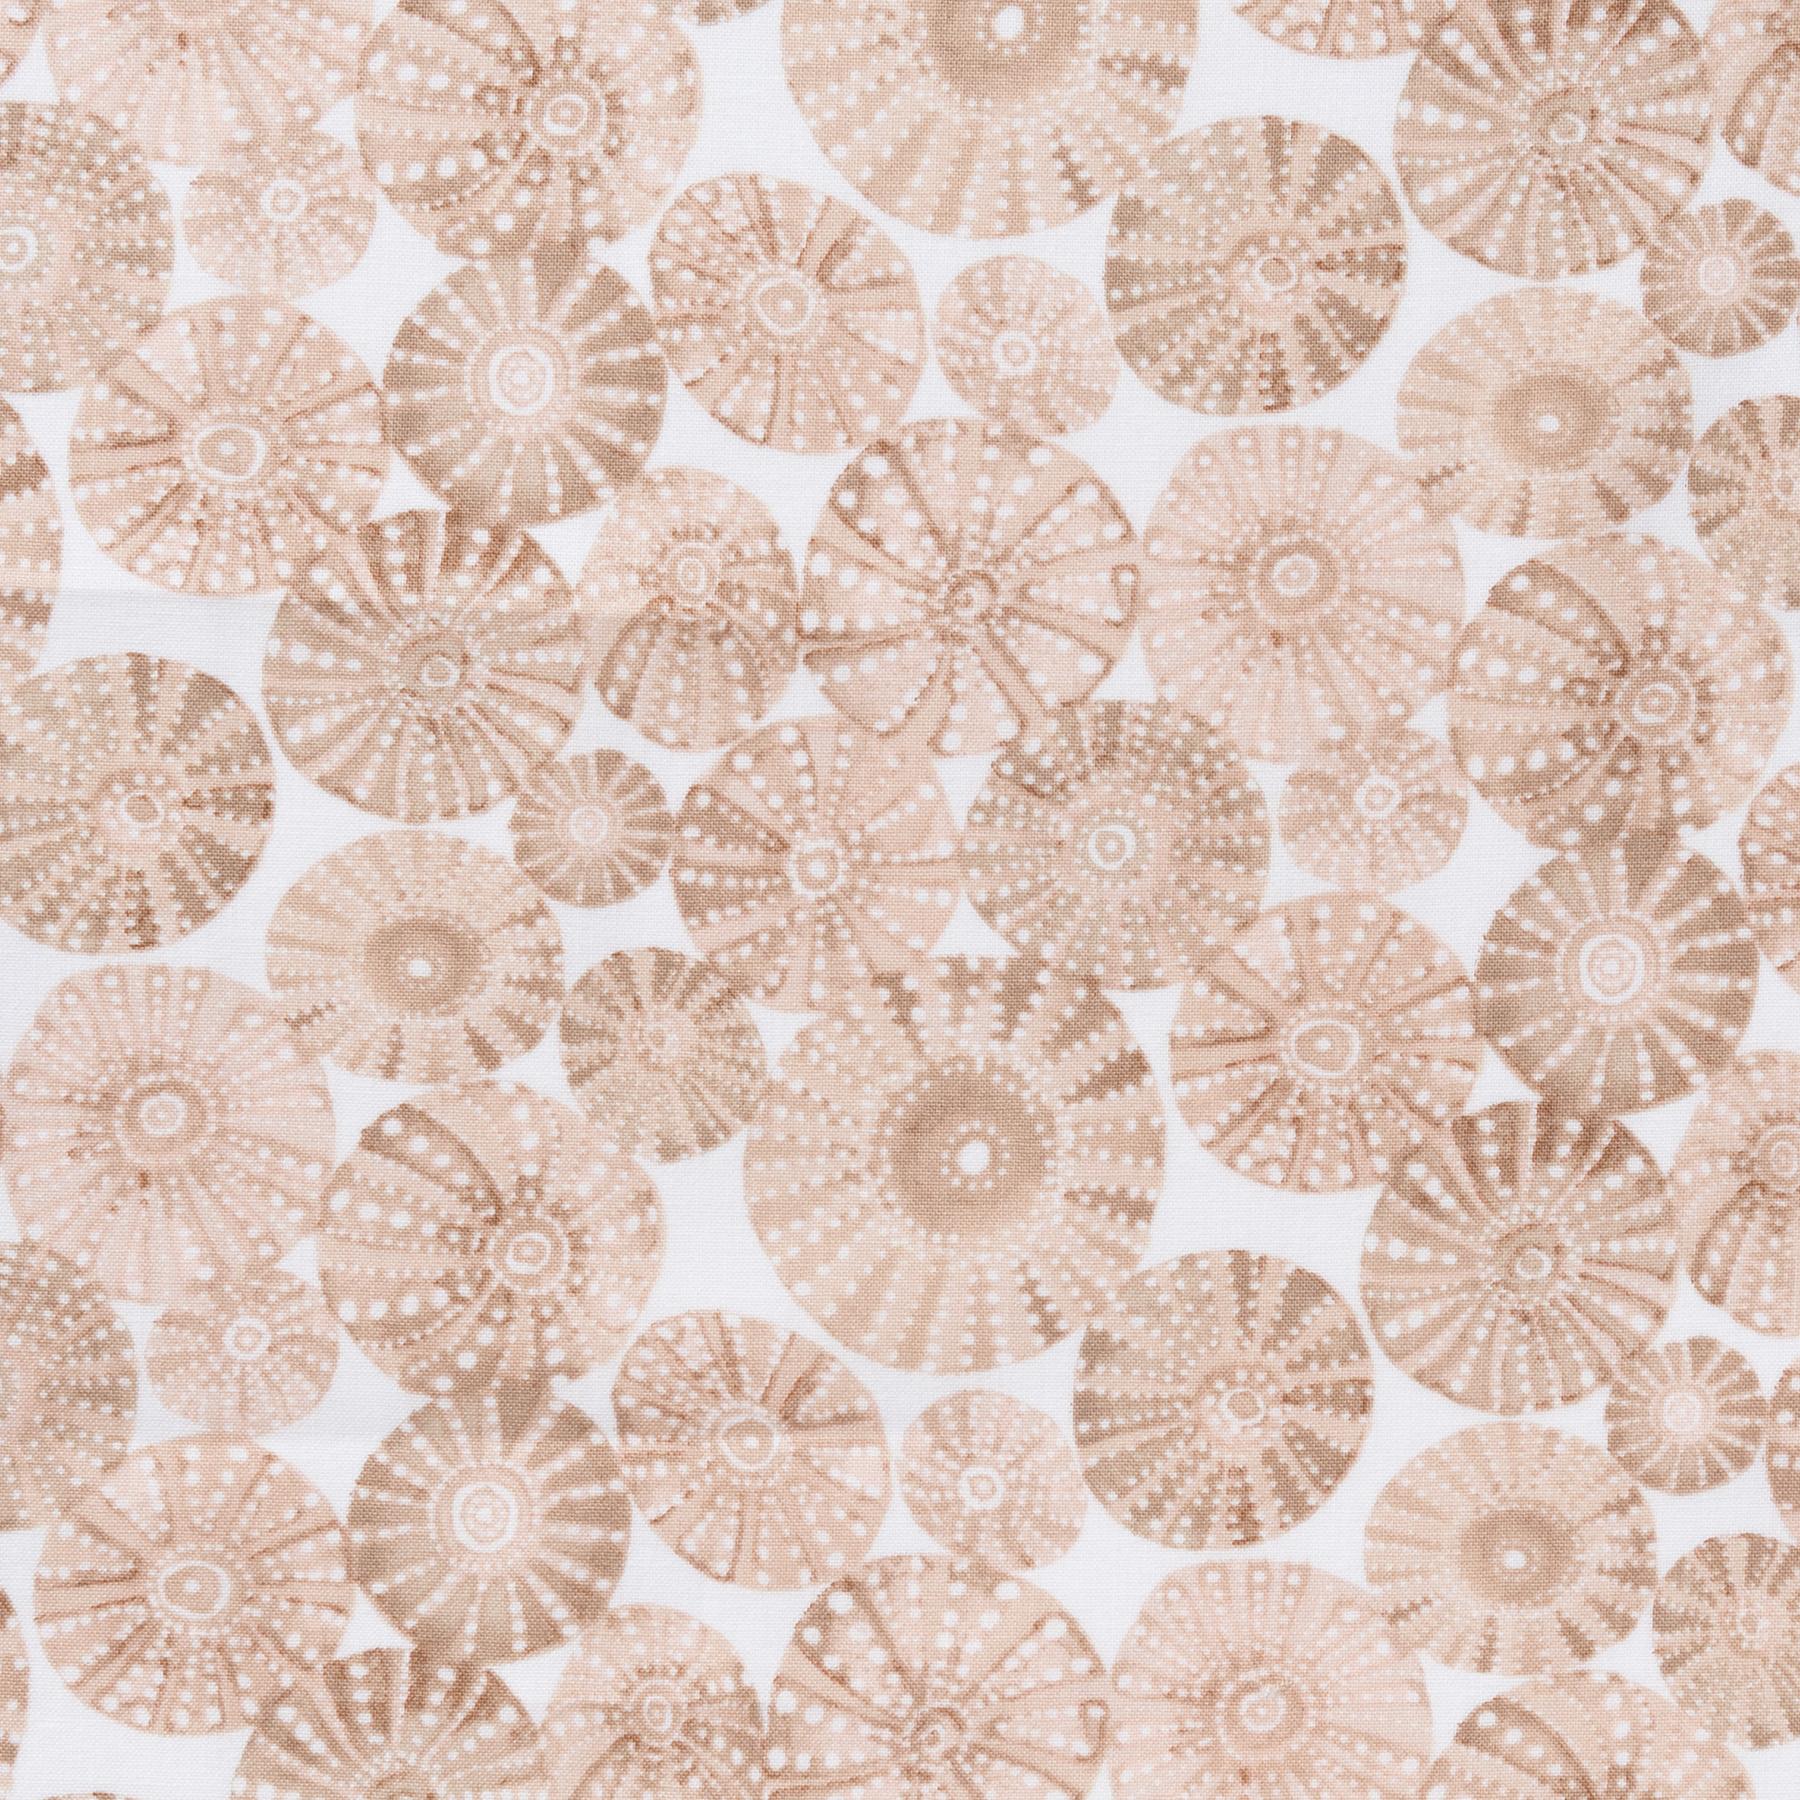 Baumwolle Popeline mit Korallen in braun beige auf weiß